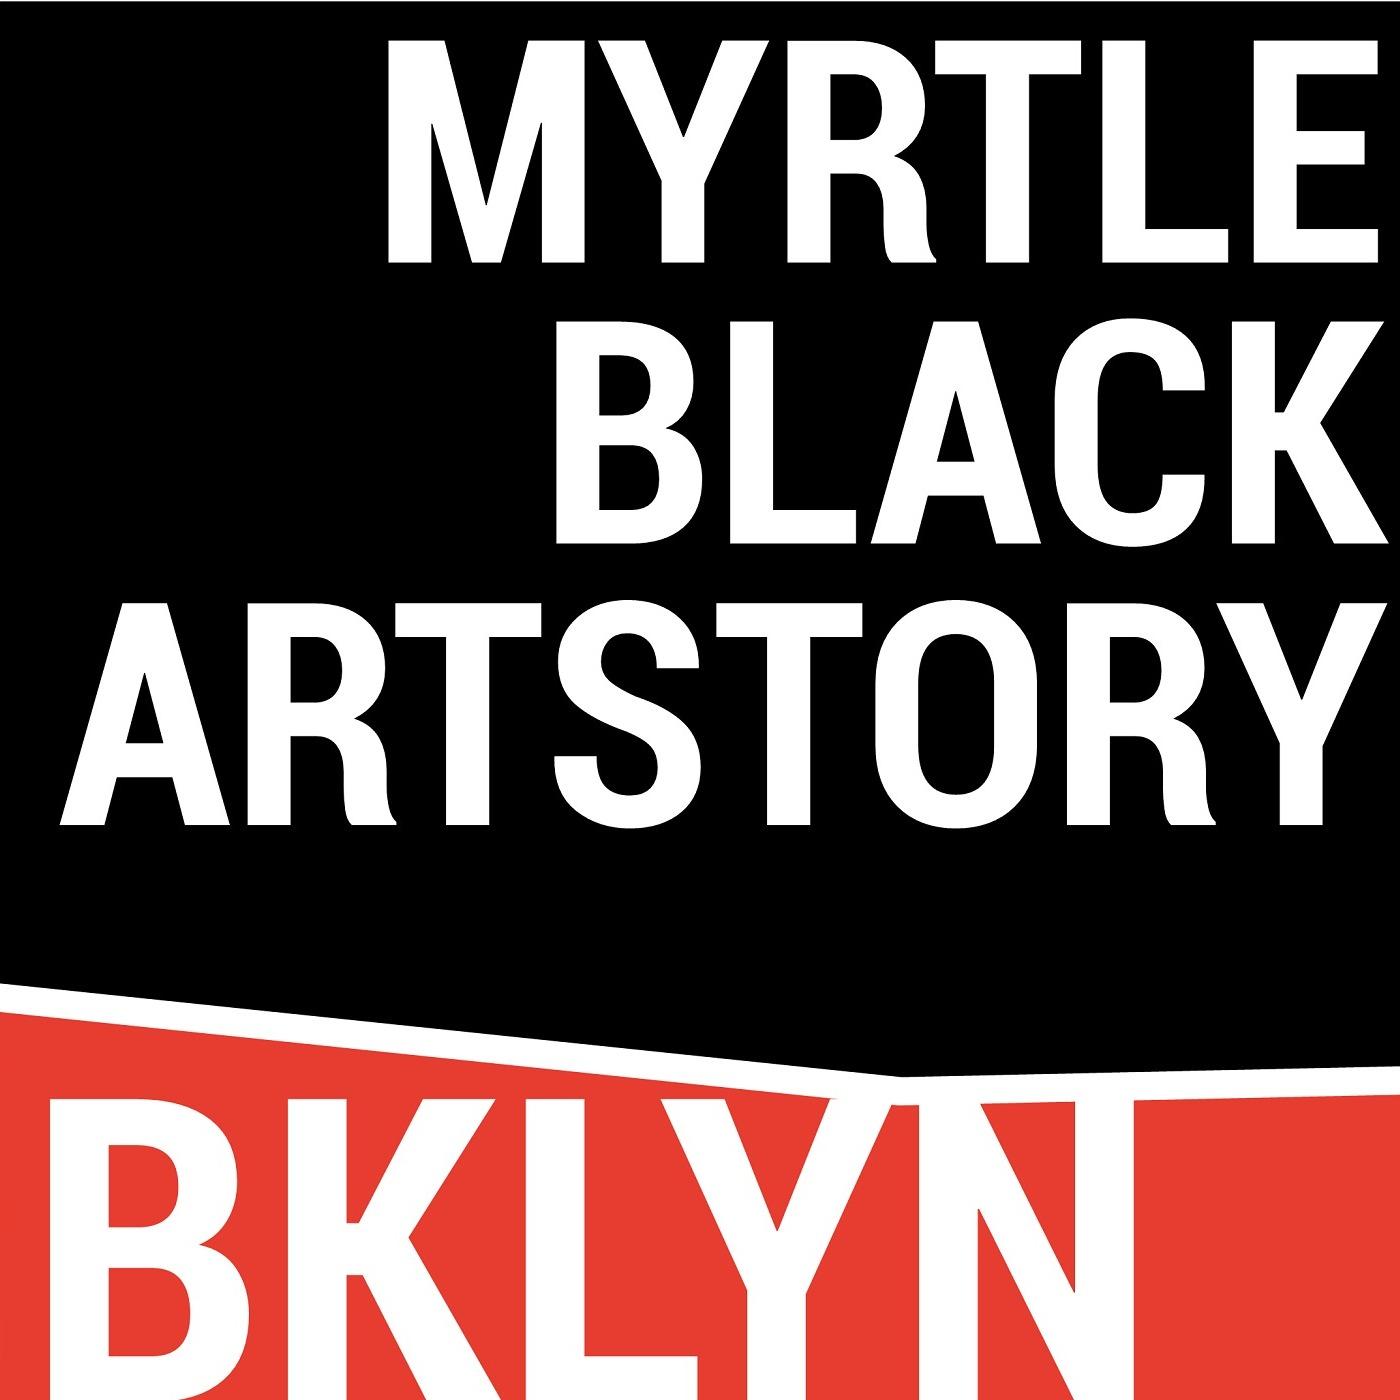 Myrtle Avenue Brooklyn Black Artstory Walking Tour